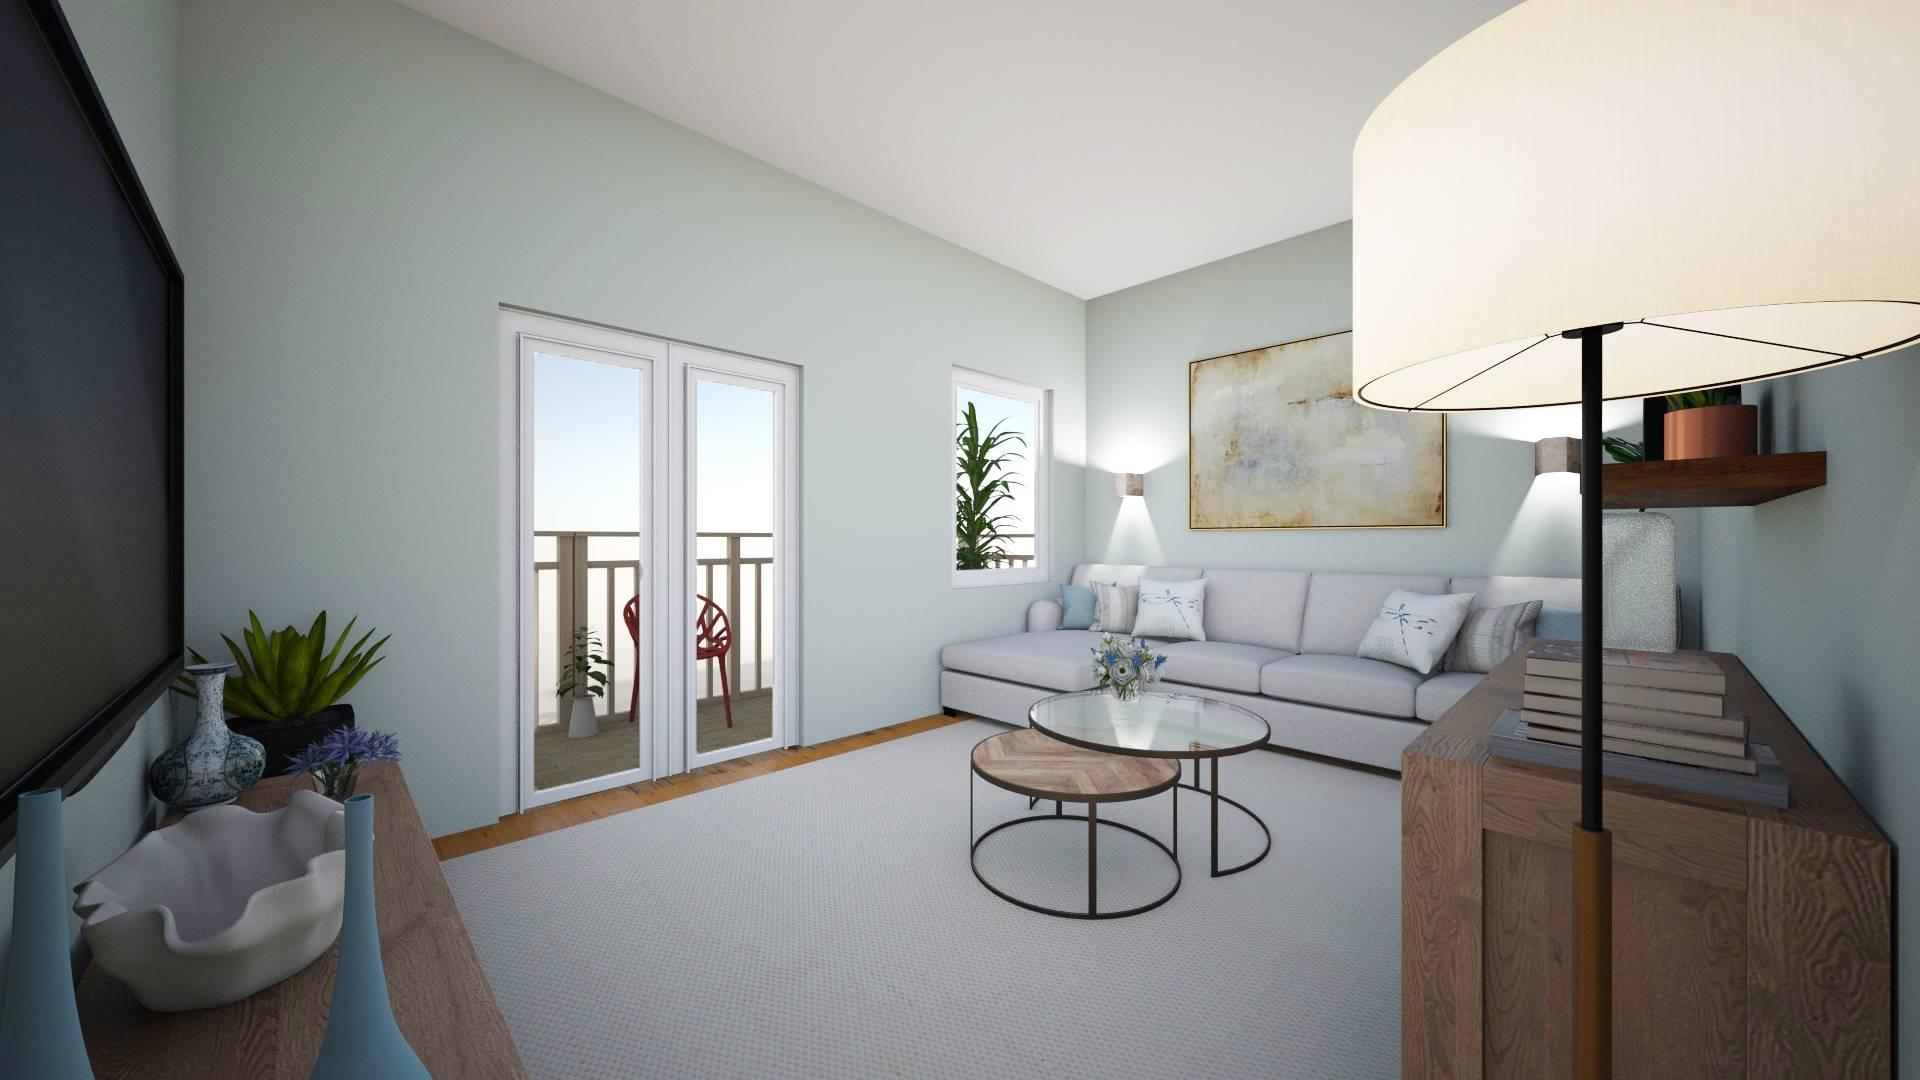 Nostra esclusiva: DON BOSCO, Via Parini, vendesi appartamento molto luminoso, facente parte di uno stabile di quattro unità abitative, posto al piano